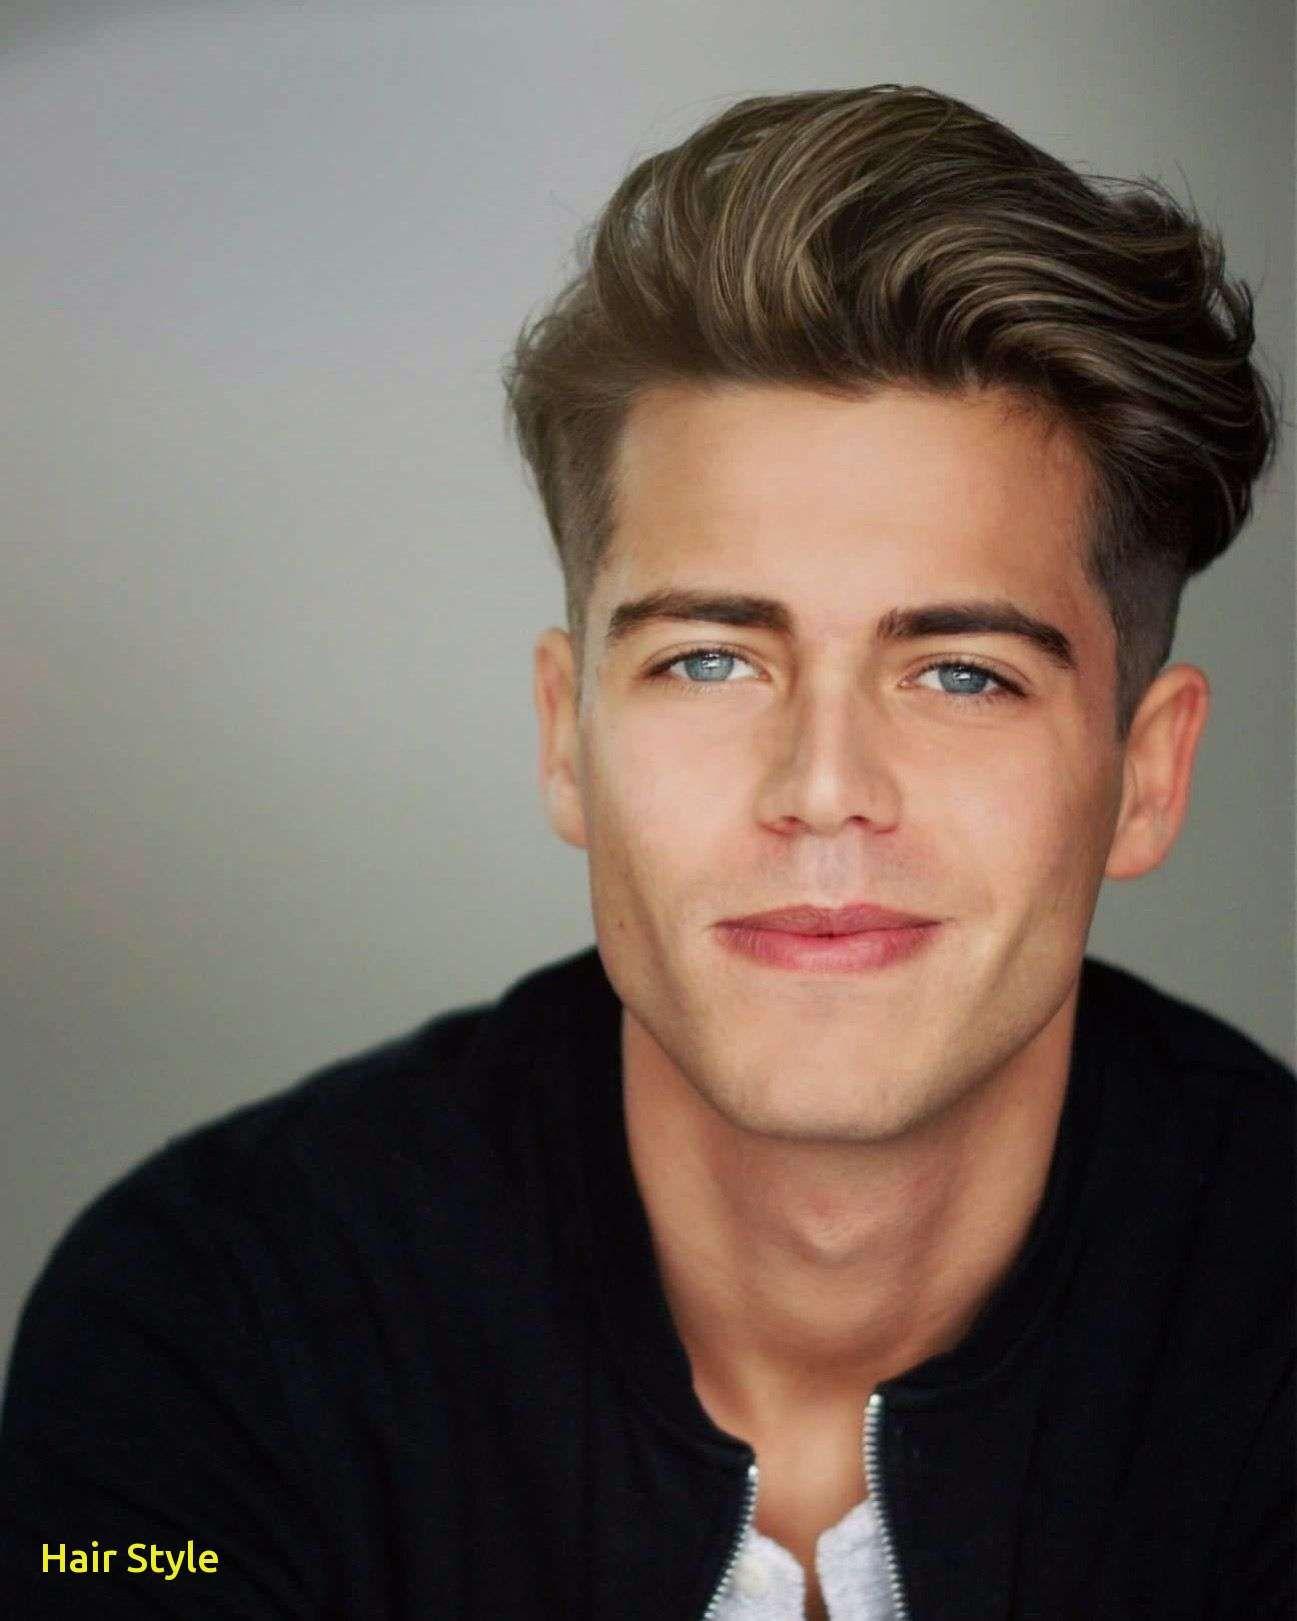 Schone Frisur Manner Haare Trends 2019 Manner Frisuren